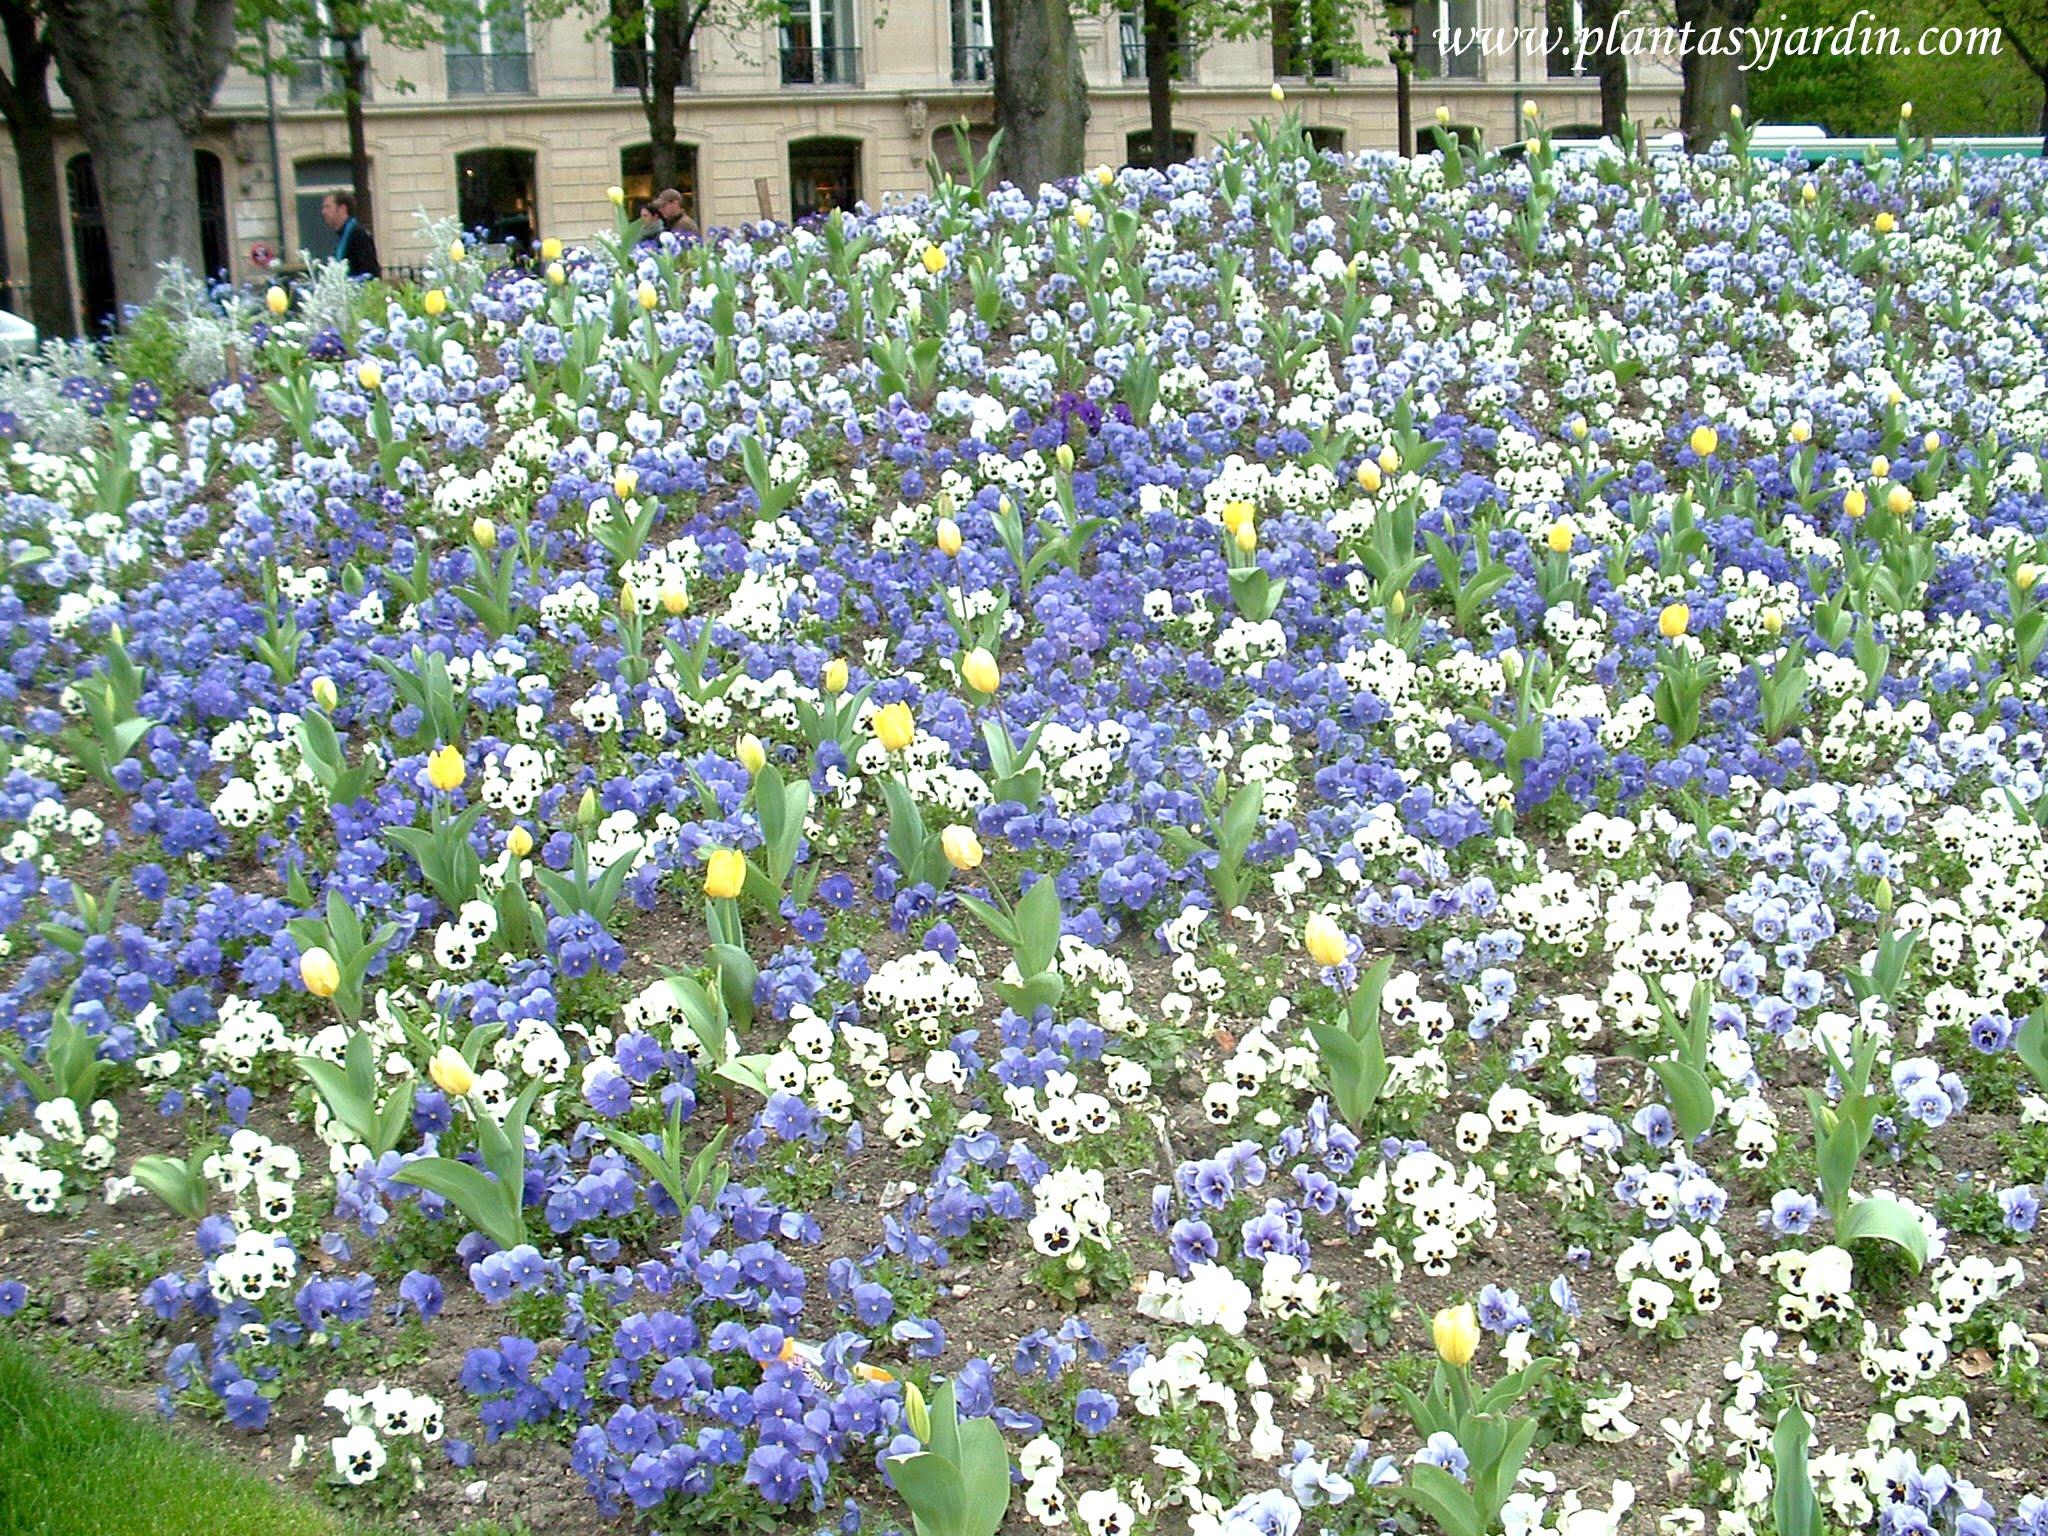 macizo floral de Pensamientos, a principios de la primavera, en las calles parisinas